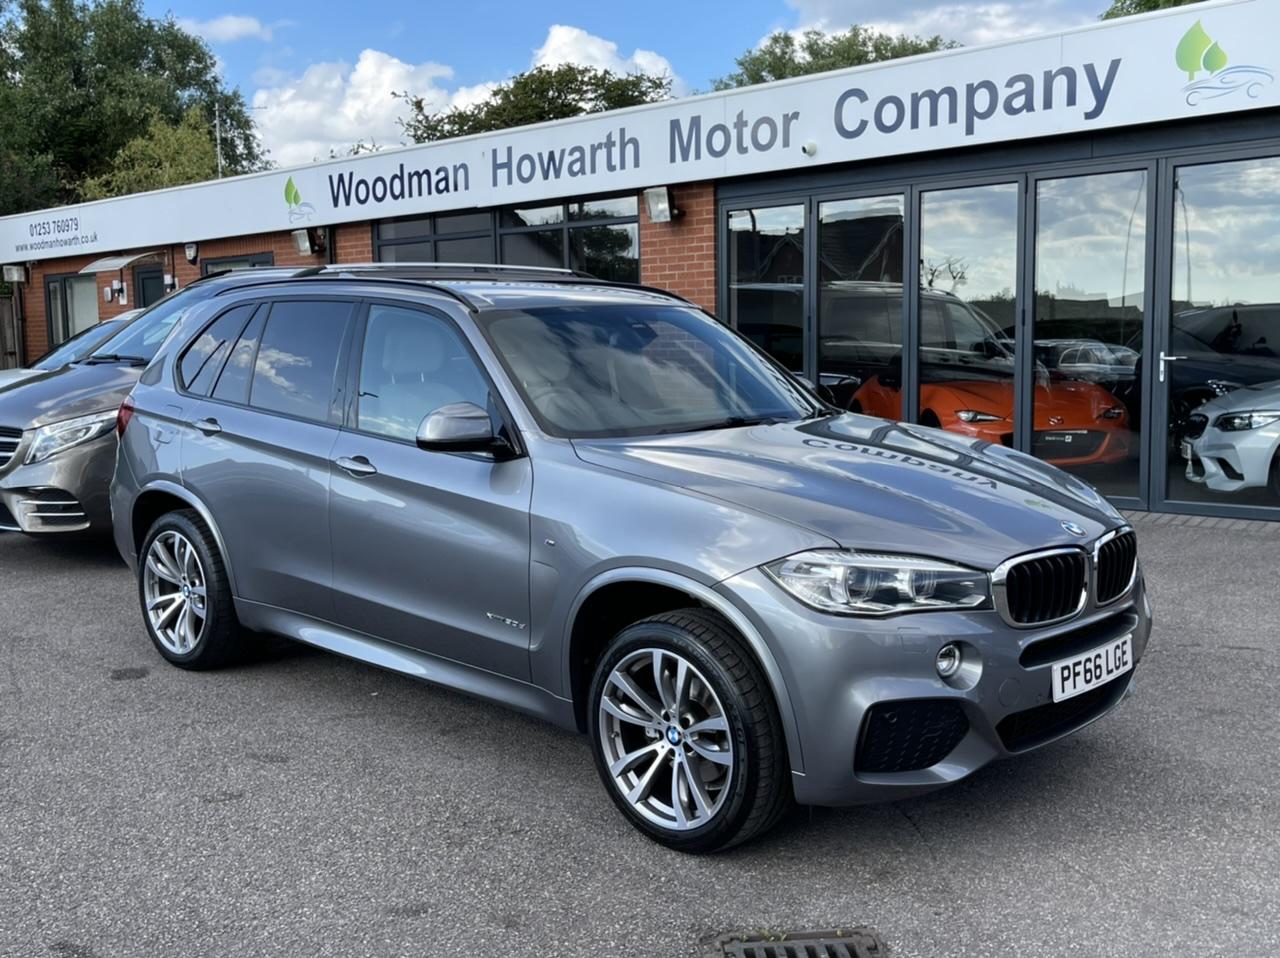 2016 66 BMW X5 XDRIVE30D M SPORT 7 SEAT AUTO - Plus Pack - Detachable Towbar - Light Leather